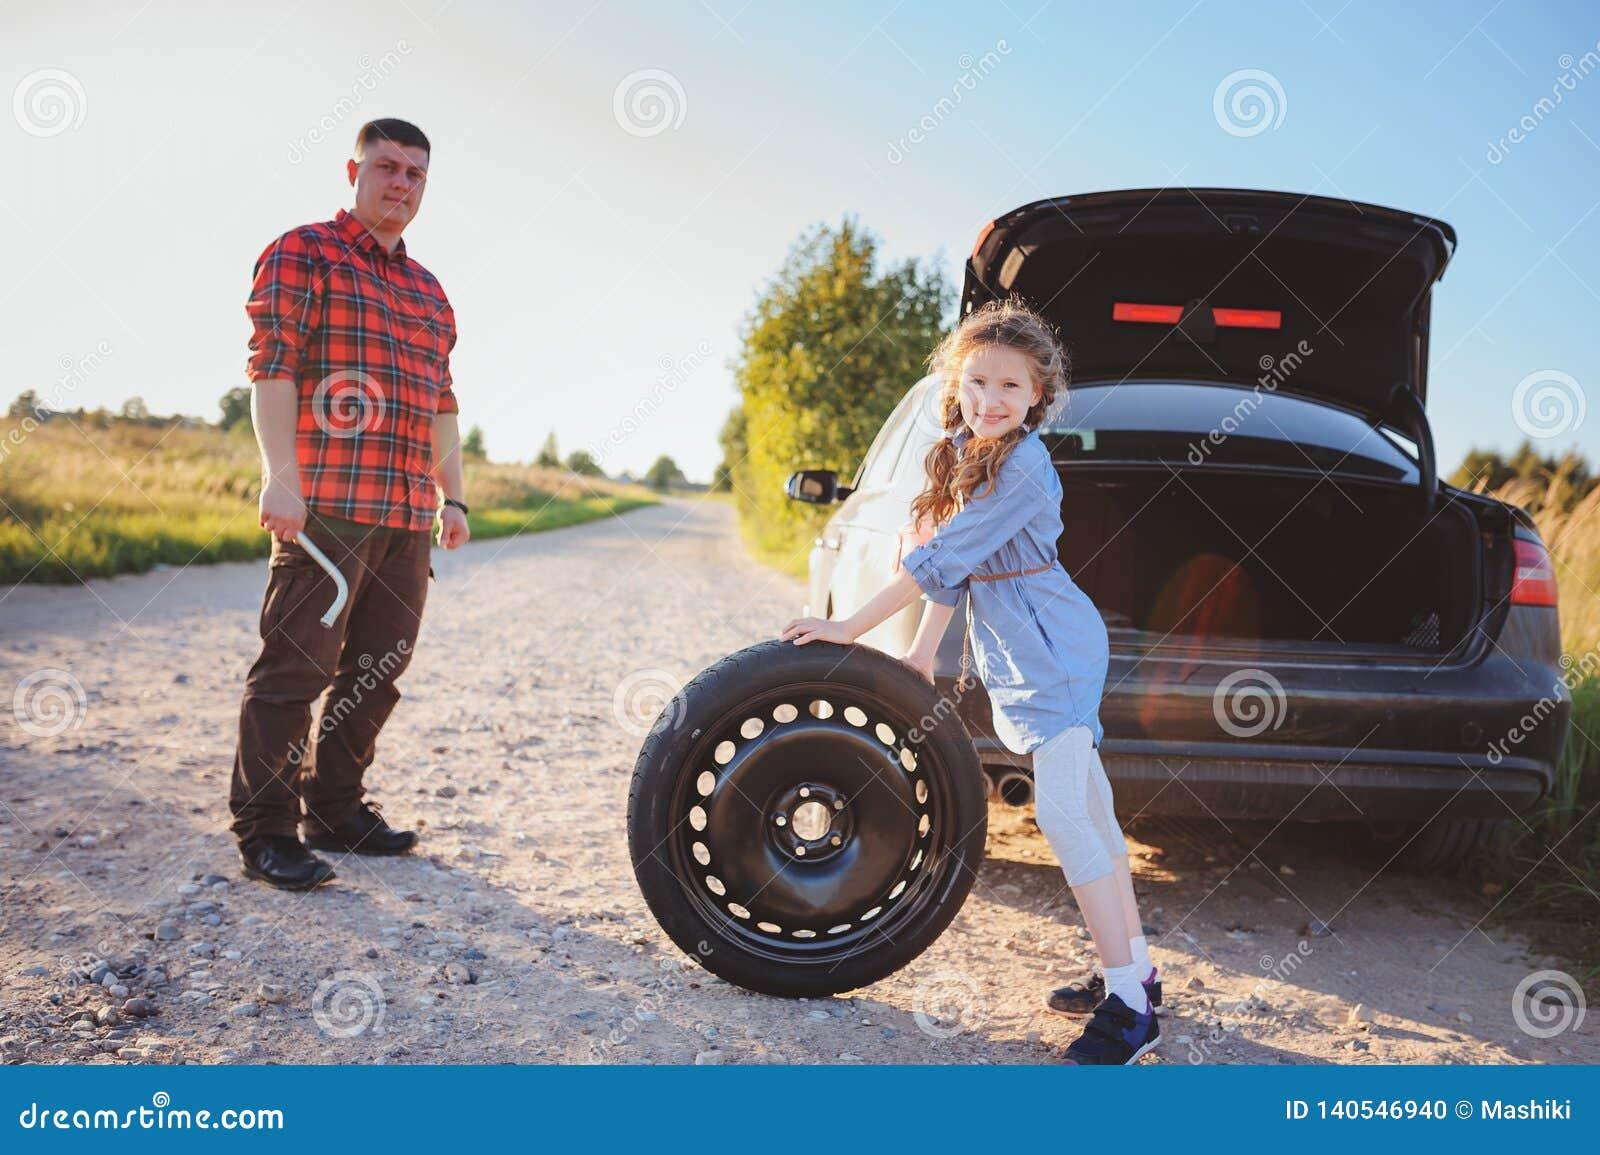 Pneu quebrado em mudança do pai e da filha durante a viagem por estrada rural do verão